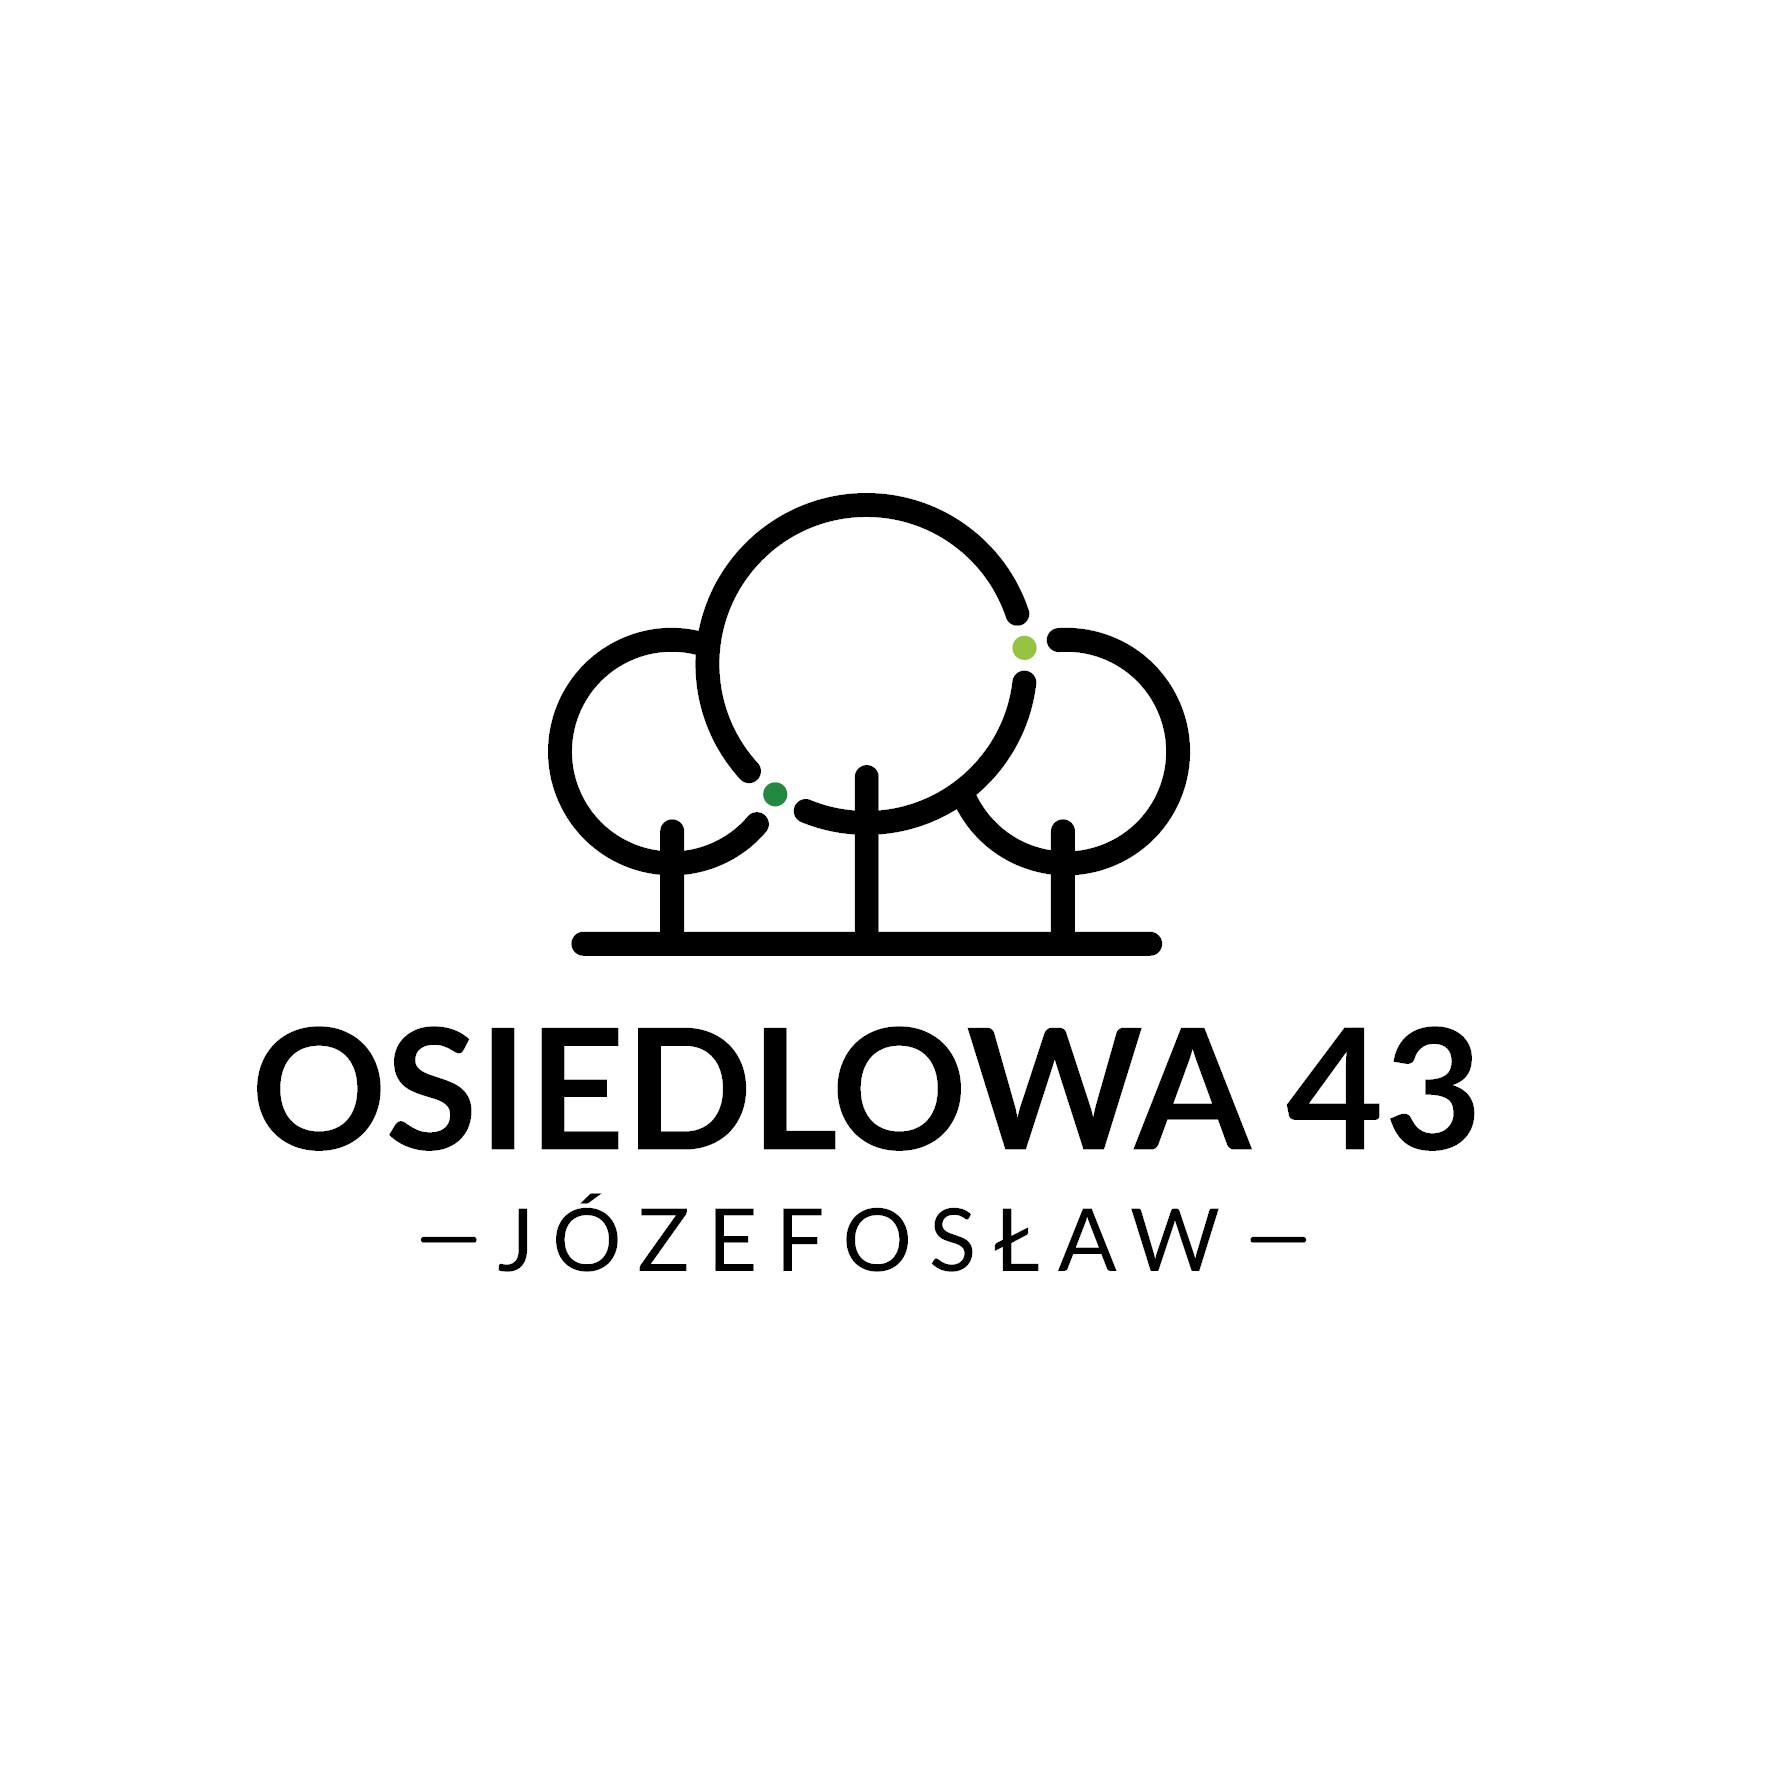 Nowoczesne Osiedle - Osiedlowa 43